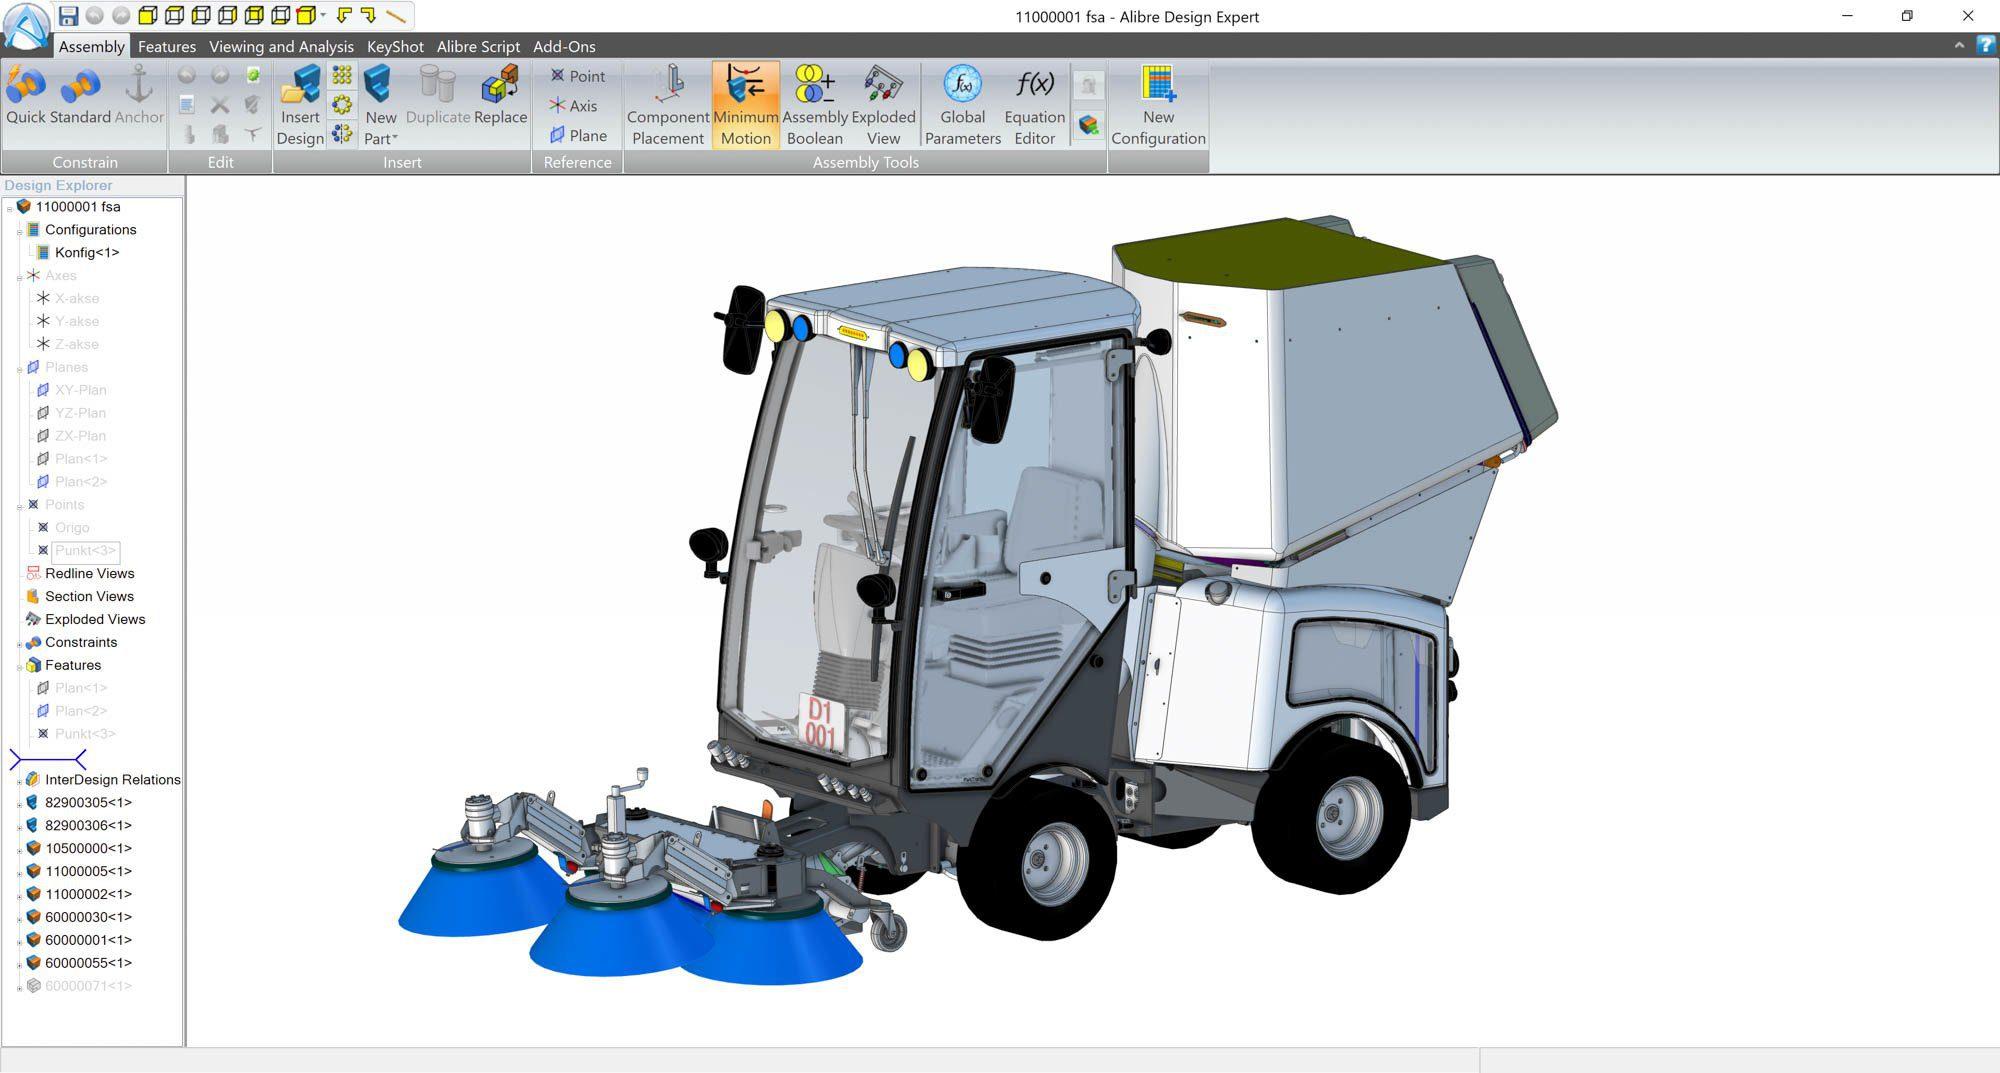 alibre-design-zrzut-ekranu-transport-pojazd-czyszczacy-ulice